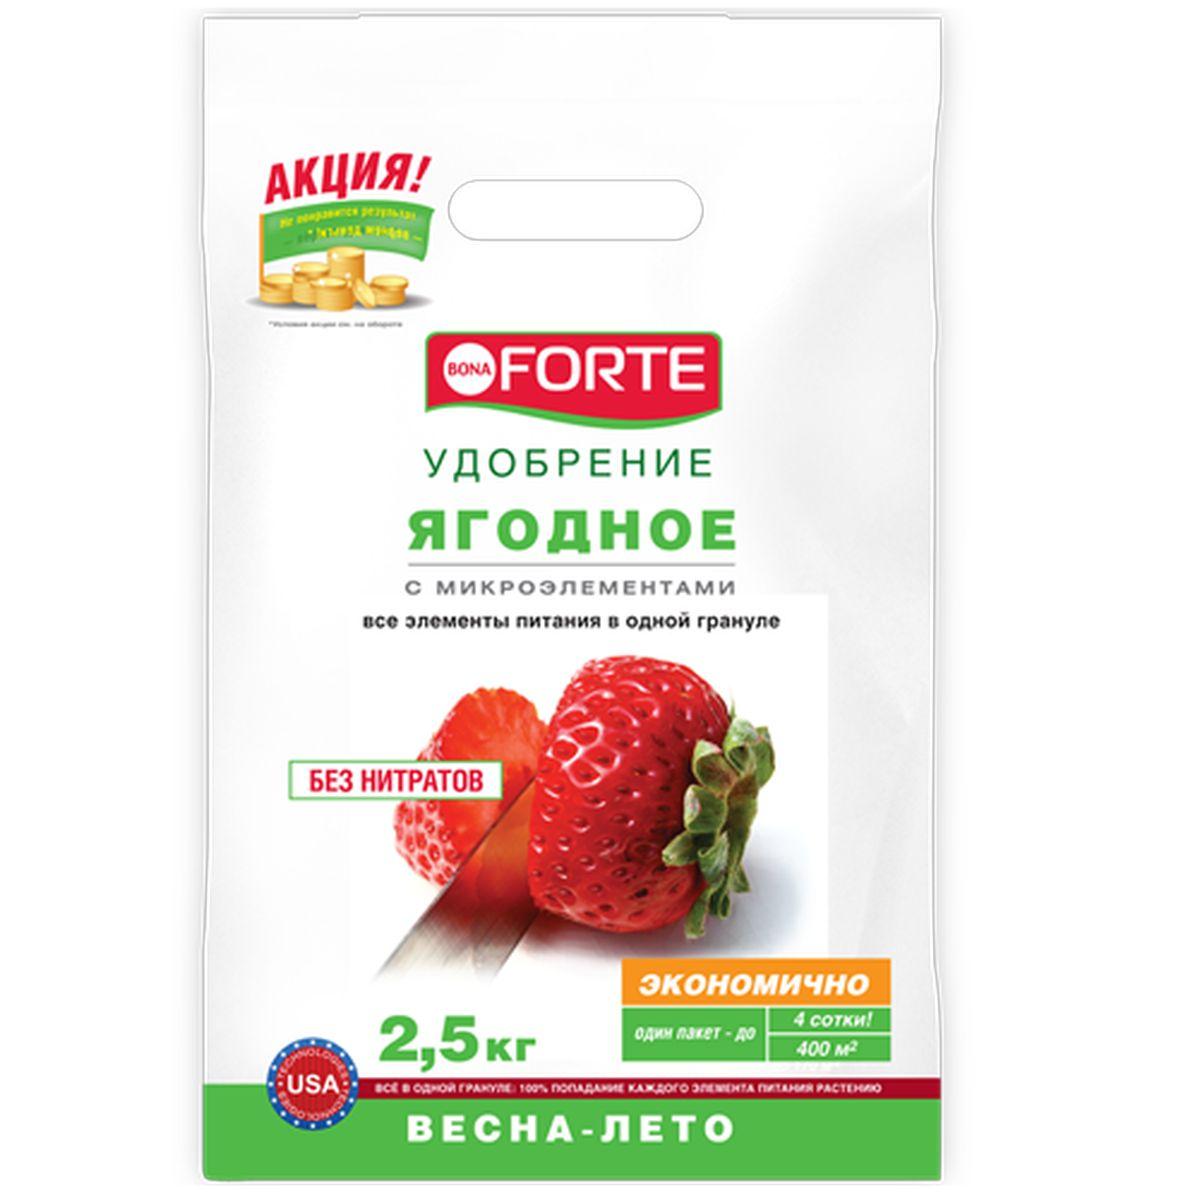 Удобрение комплексное гранулированное Bona Forte, ягодное марка NPK 17-6-14 с микроэлементами, 2,5 кгBF-23-01-024-1Все элементы в одной грануле, равномерное внесение удобрения, безопасно - без нитратов, экономичное расходование, отличный результат.